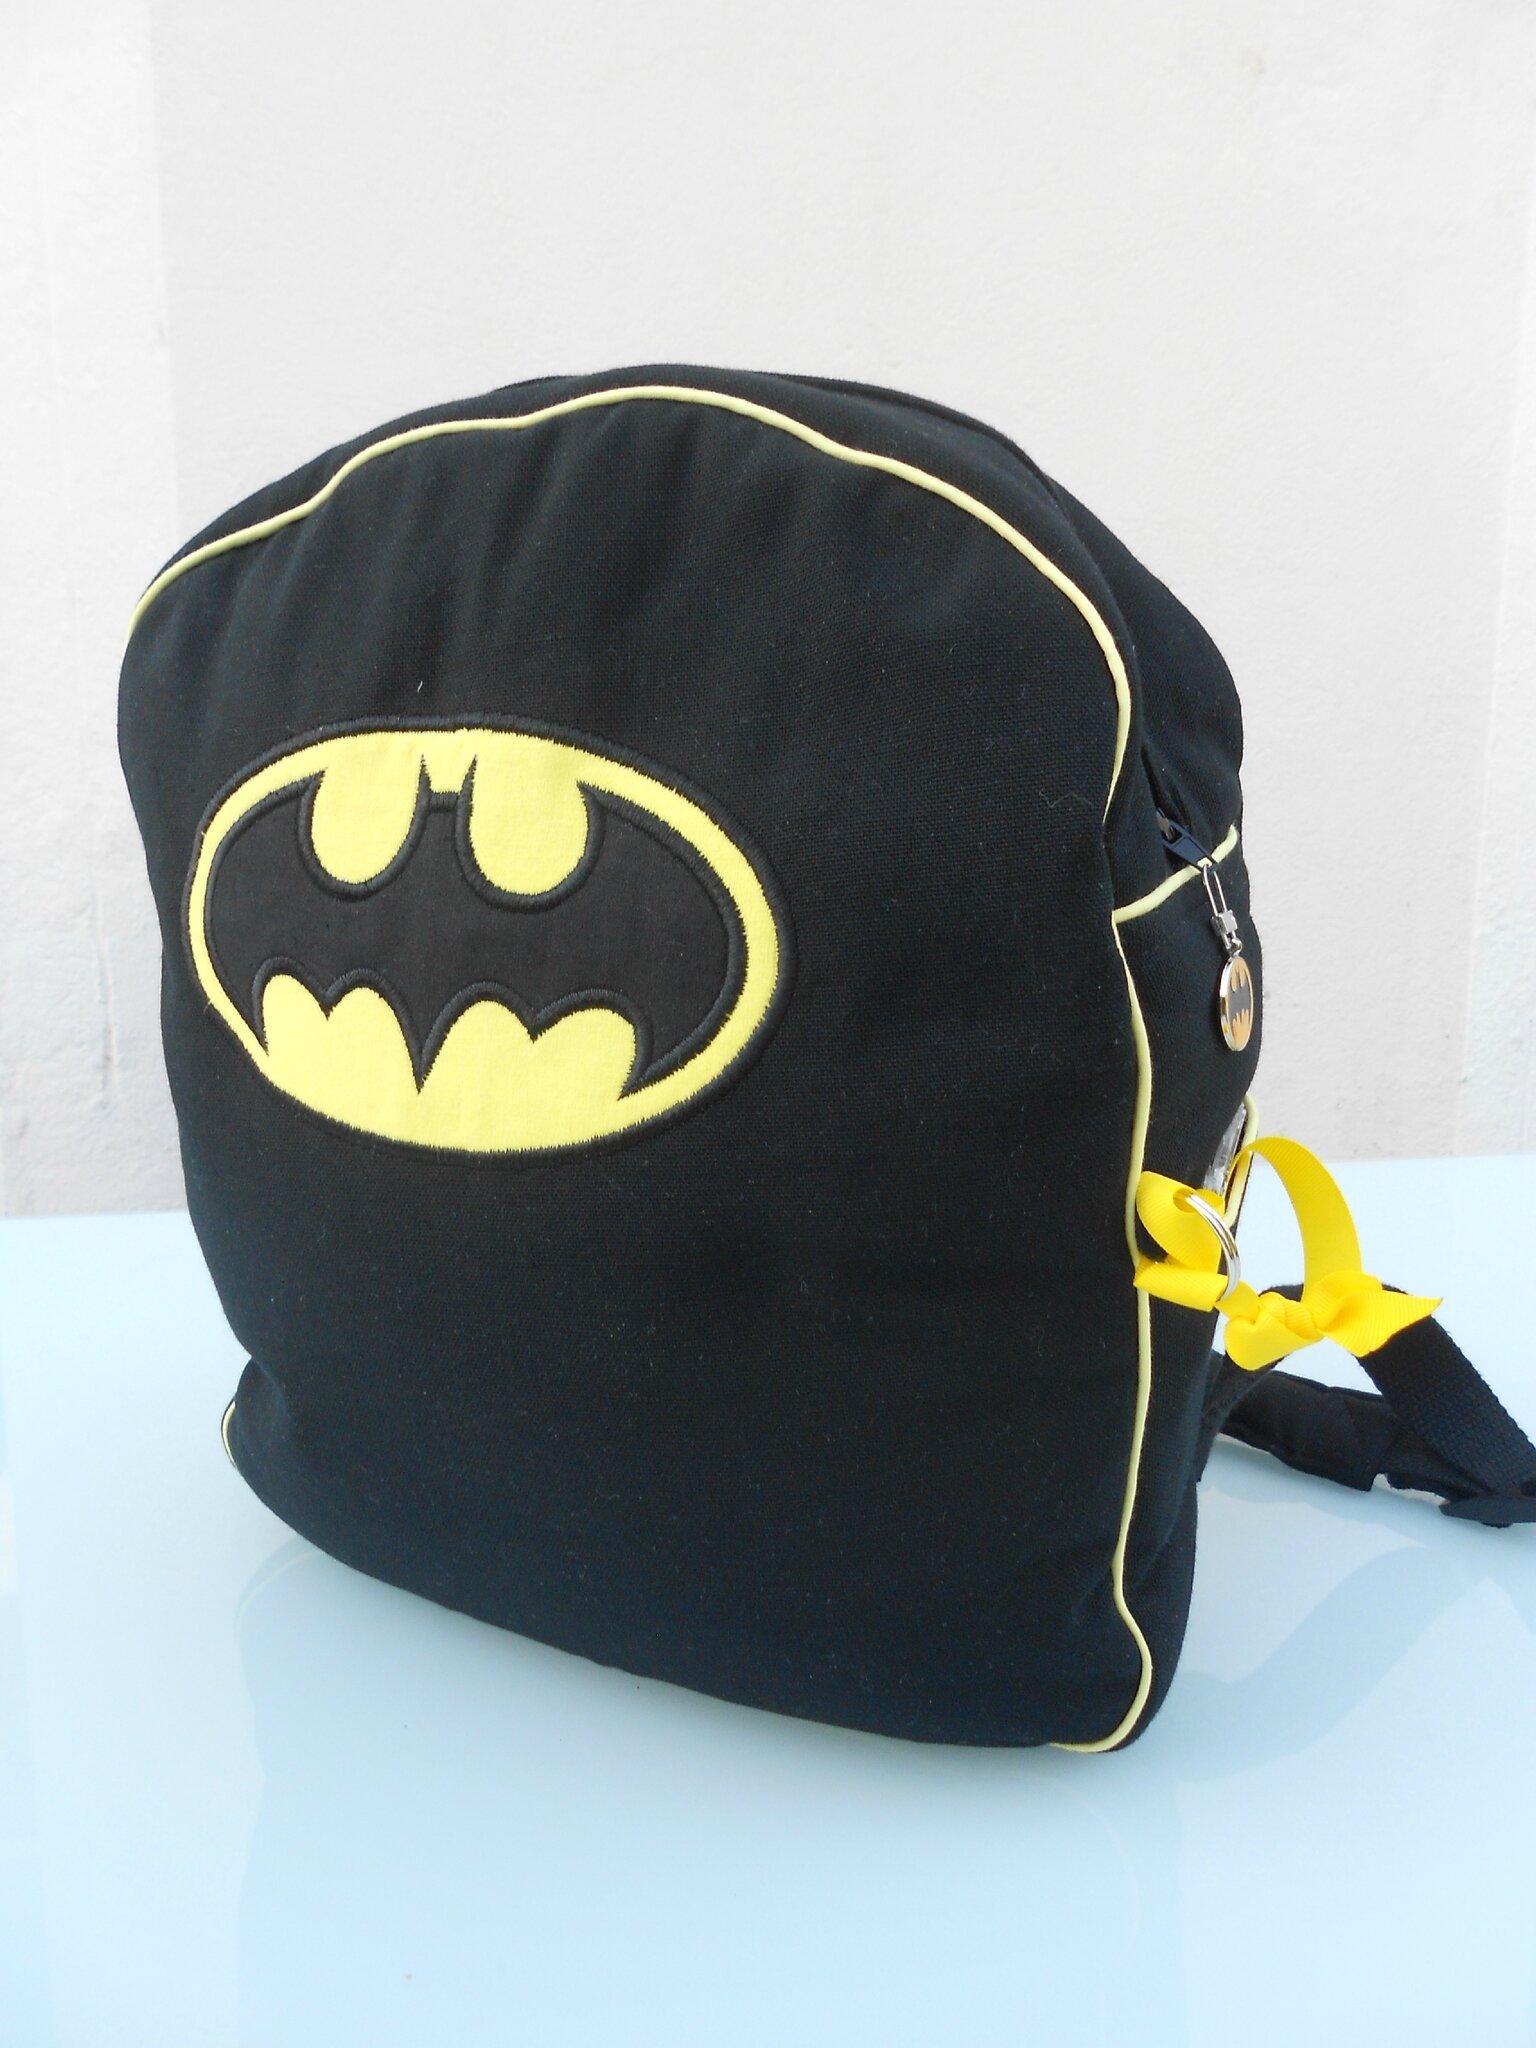 Bat sac